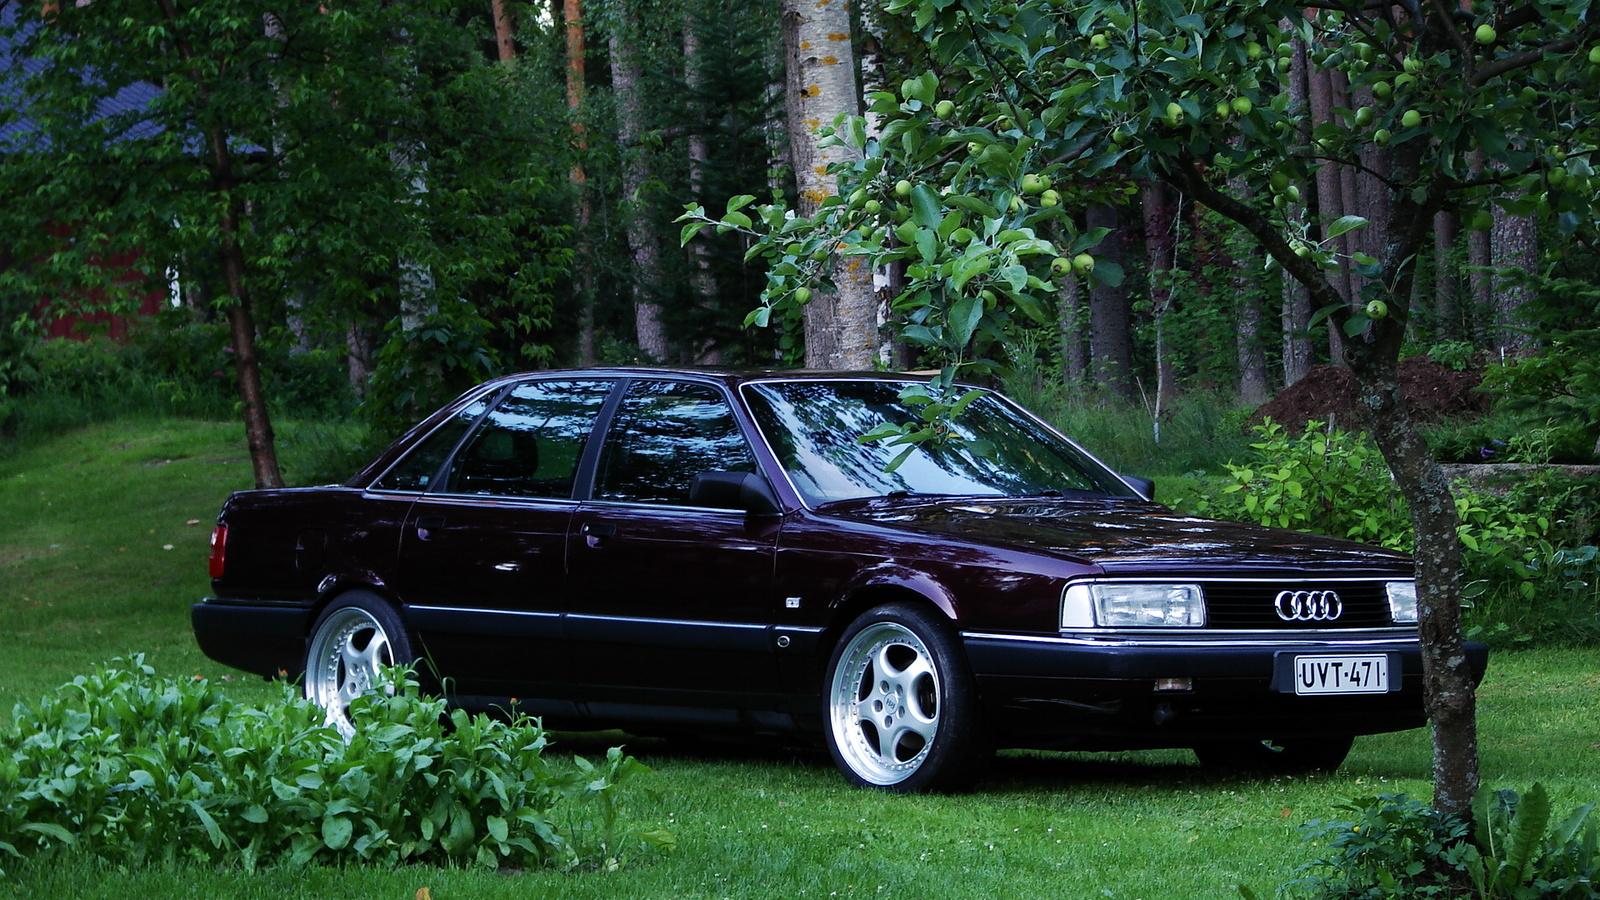 1990 Audi 200 Quattro Turbo 1990 Audi 200 4 Dr Quattro